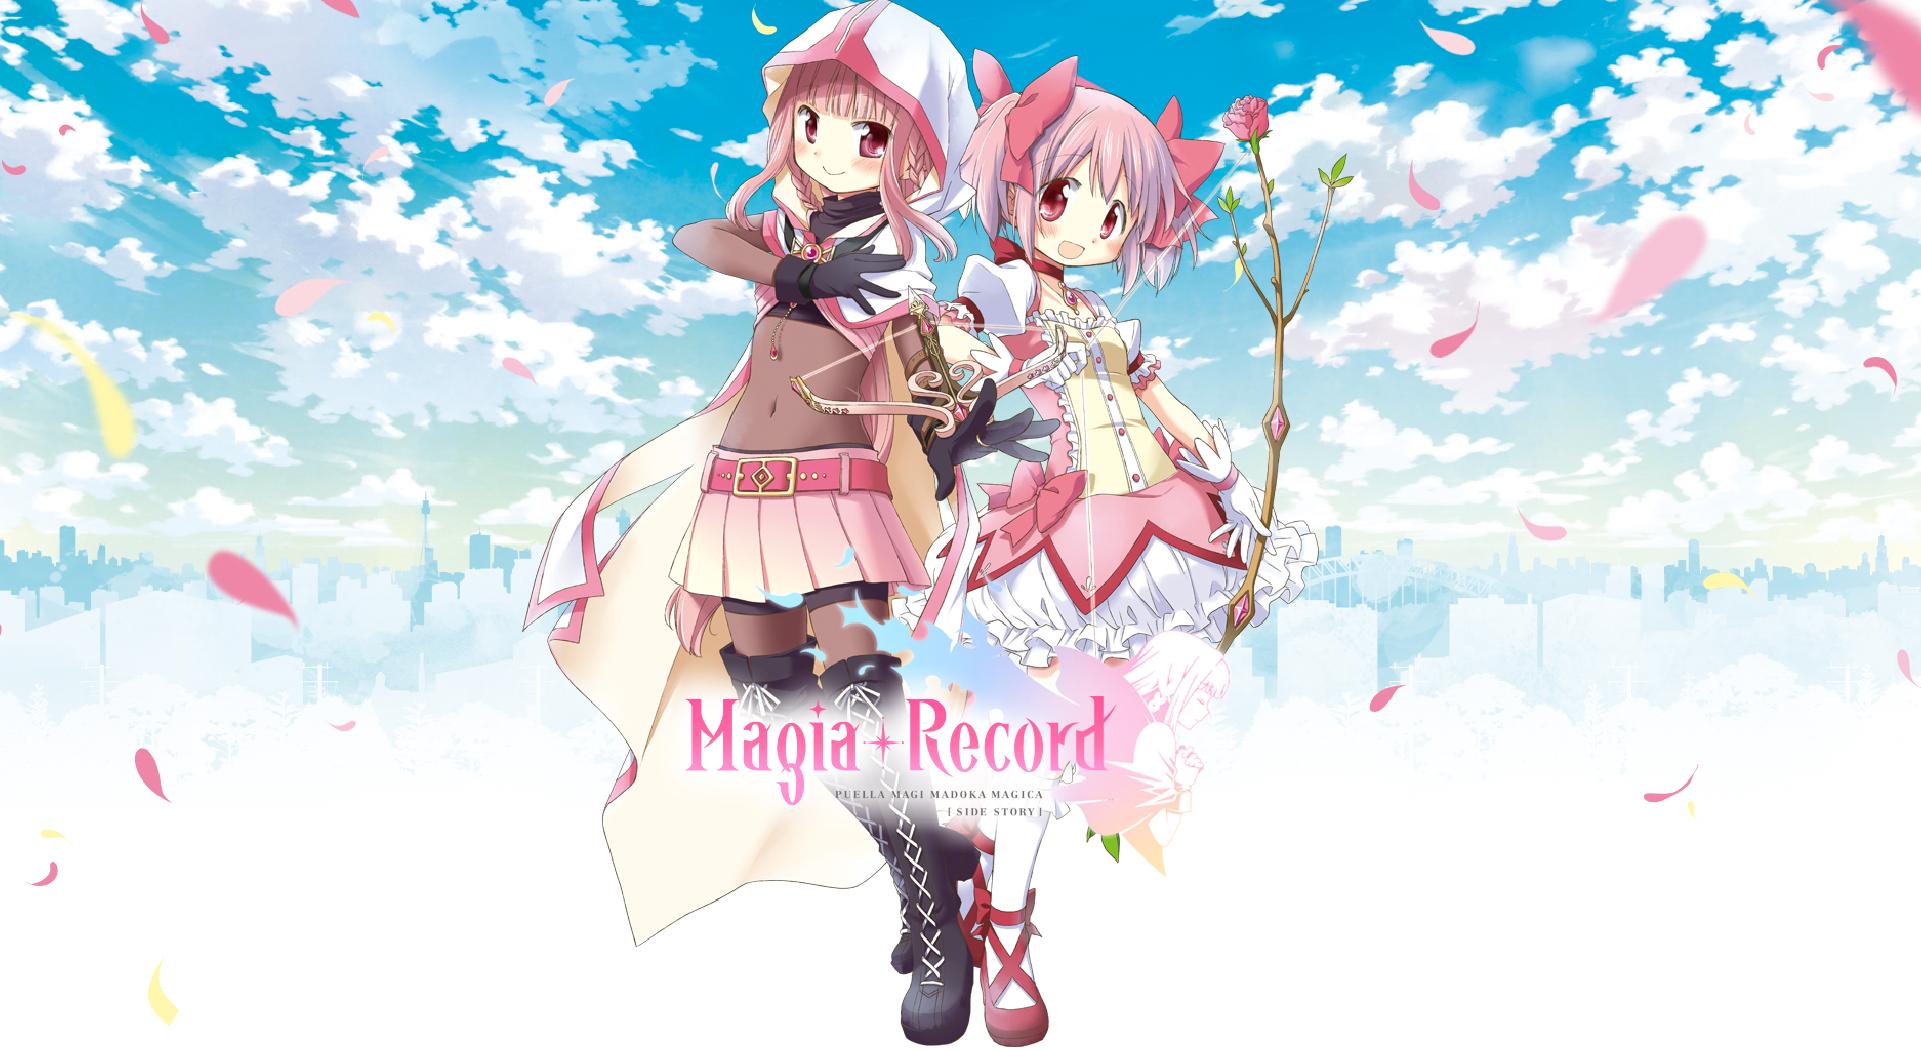 Magia Record: Puella Magi Madoka Magica Side Story' for iOS